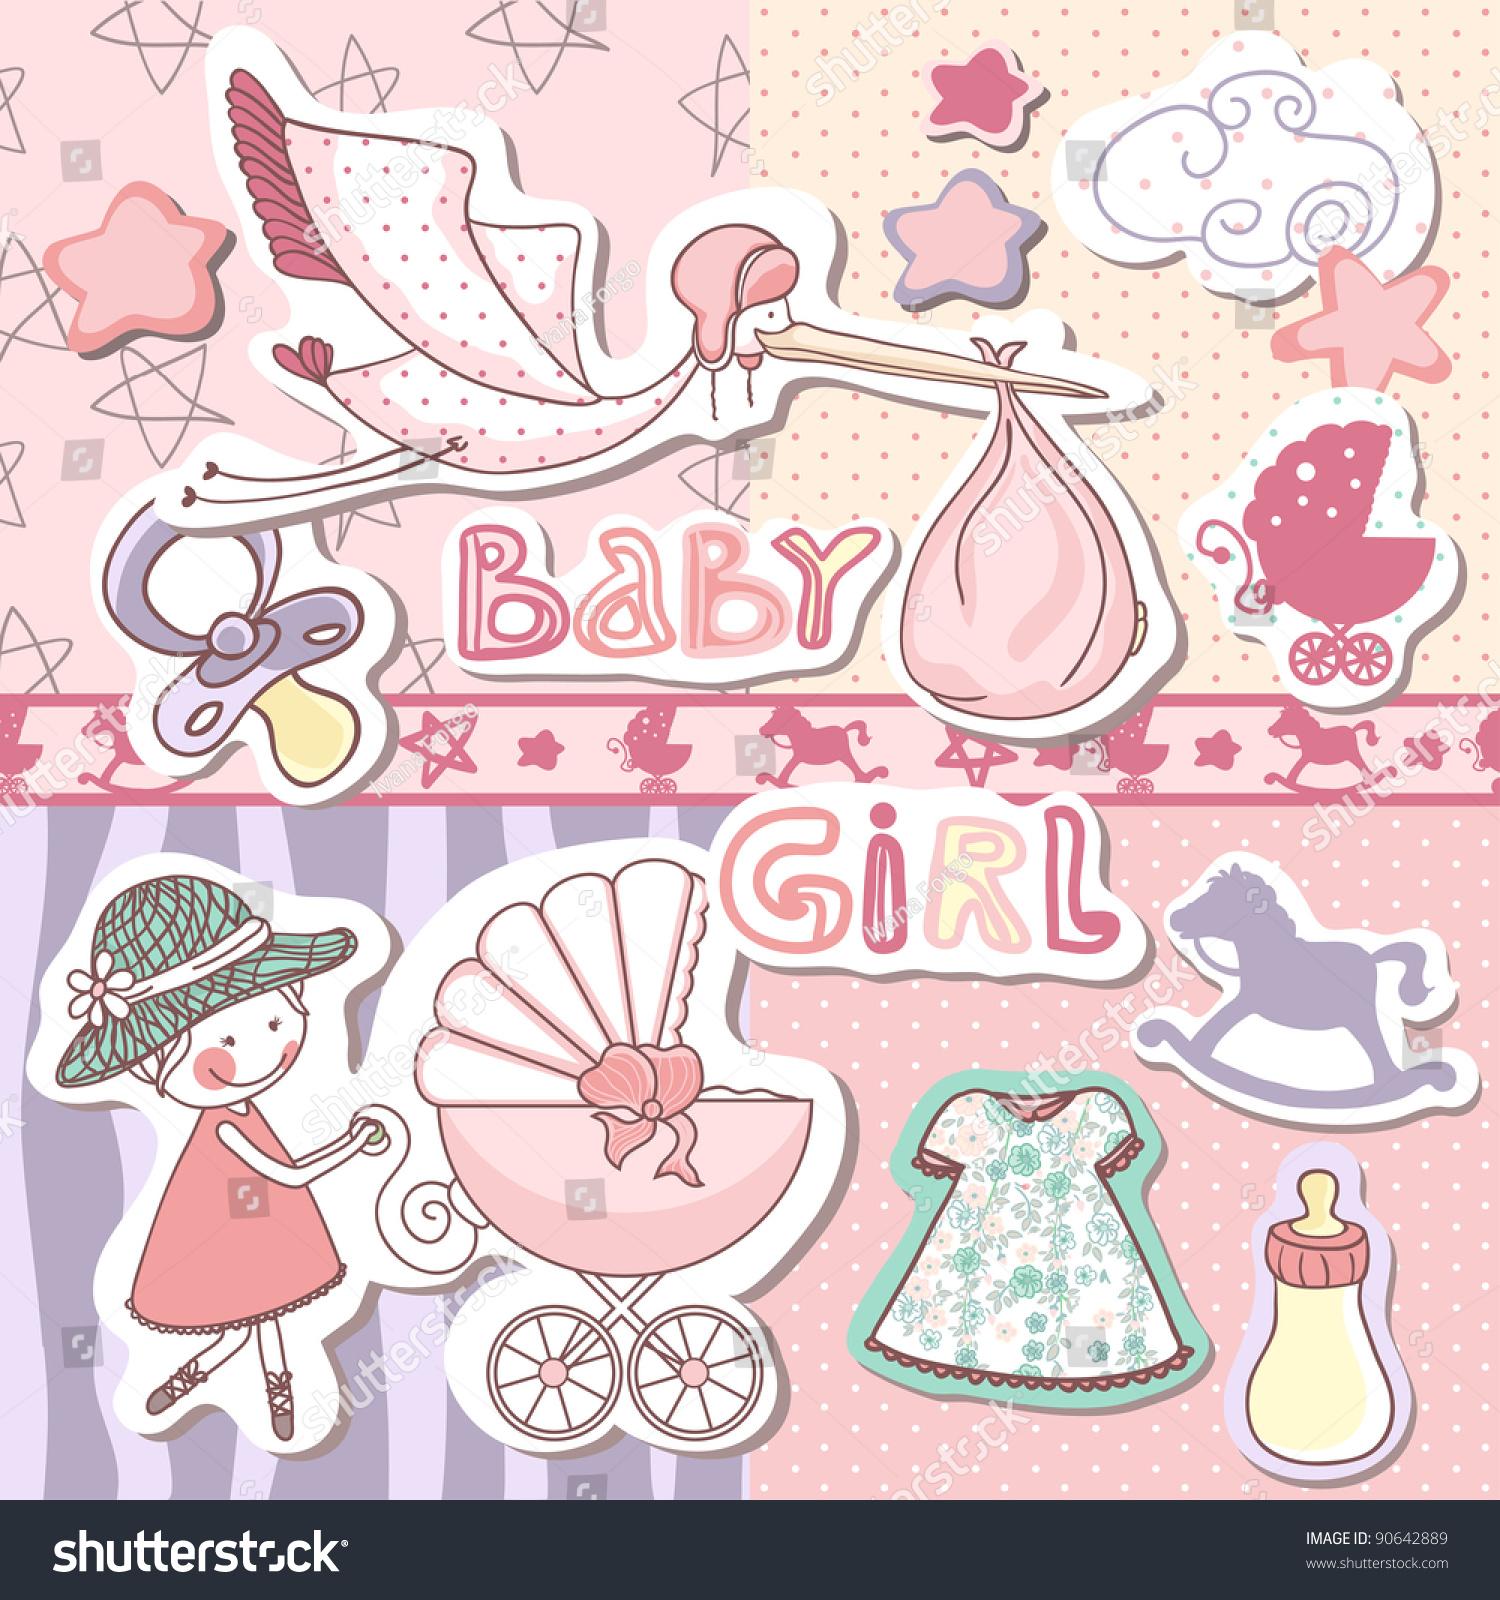 How to scrapbook for baby girl - Baby Girl Scrapbook Set